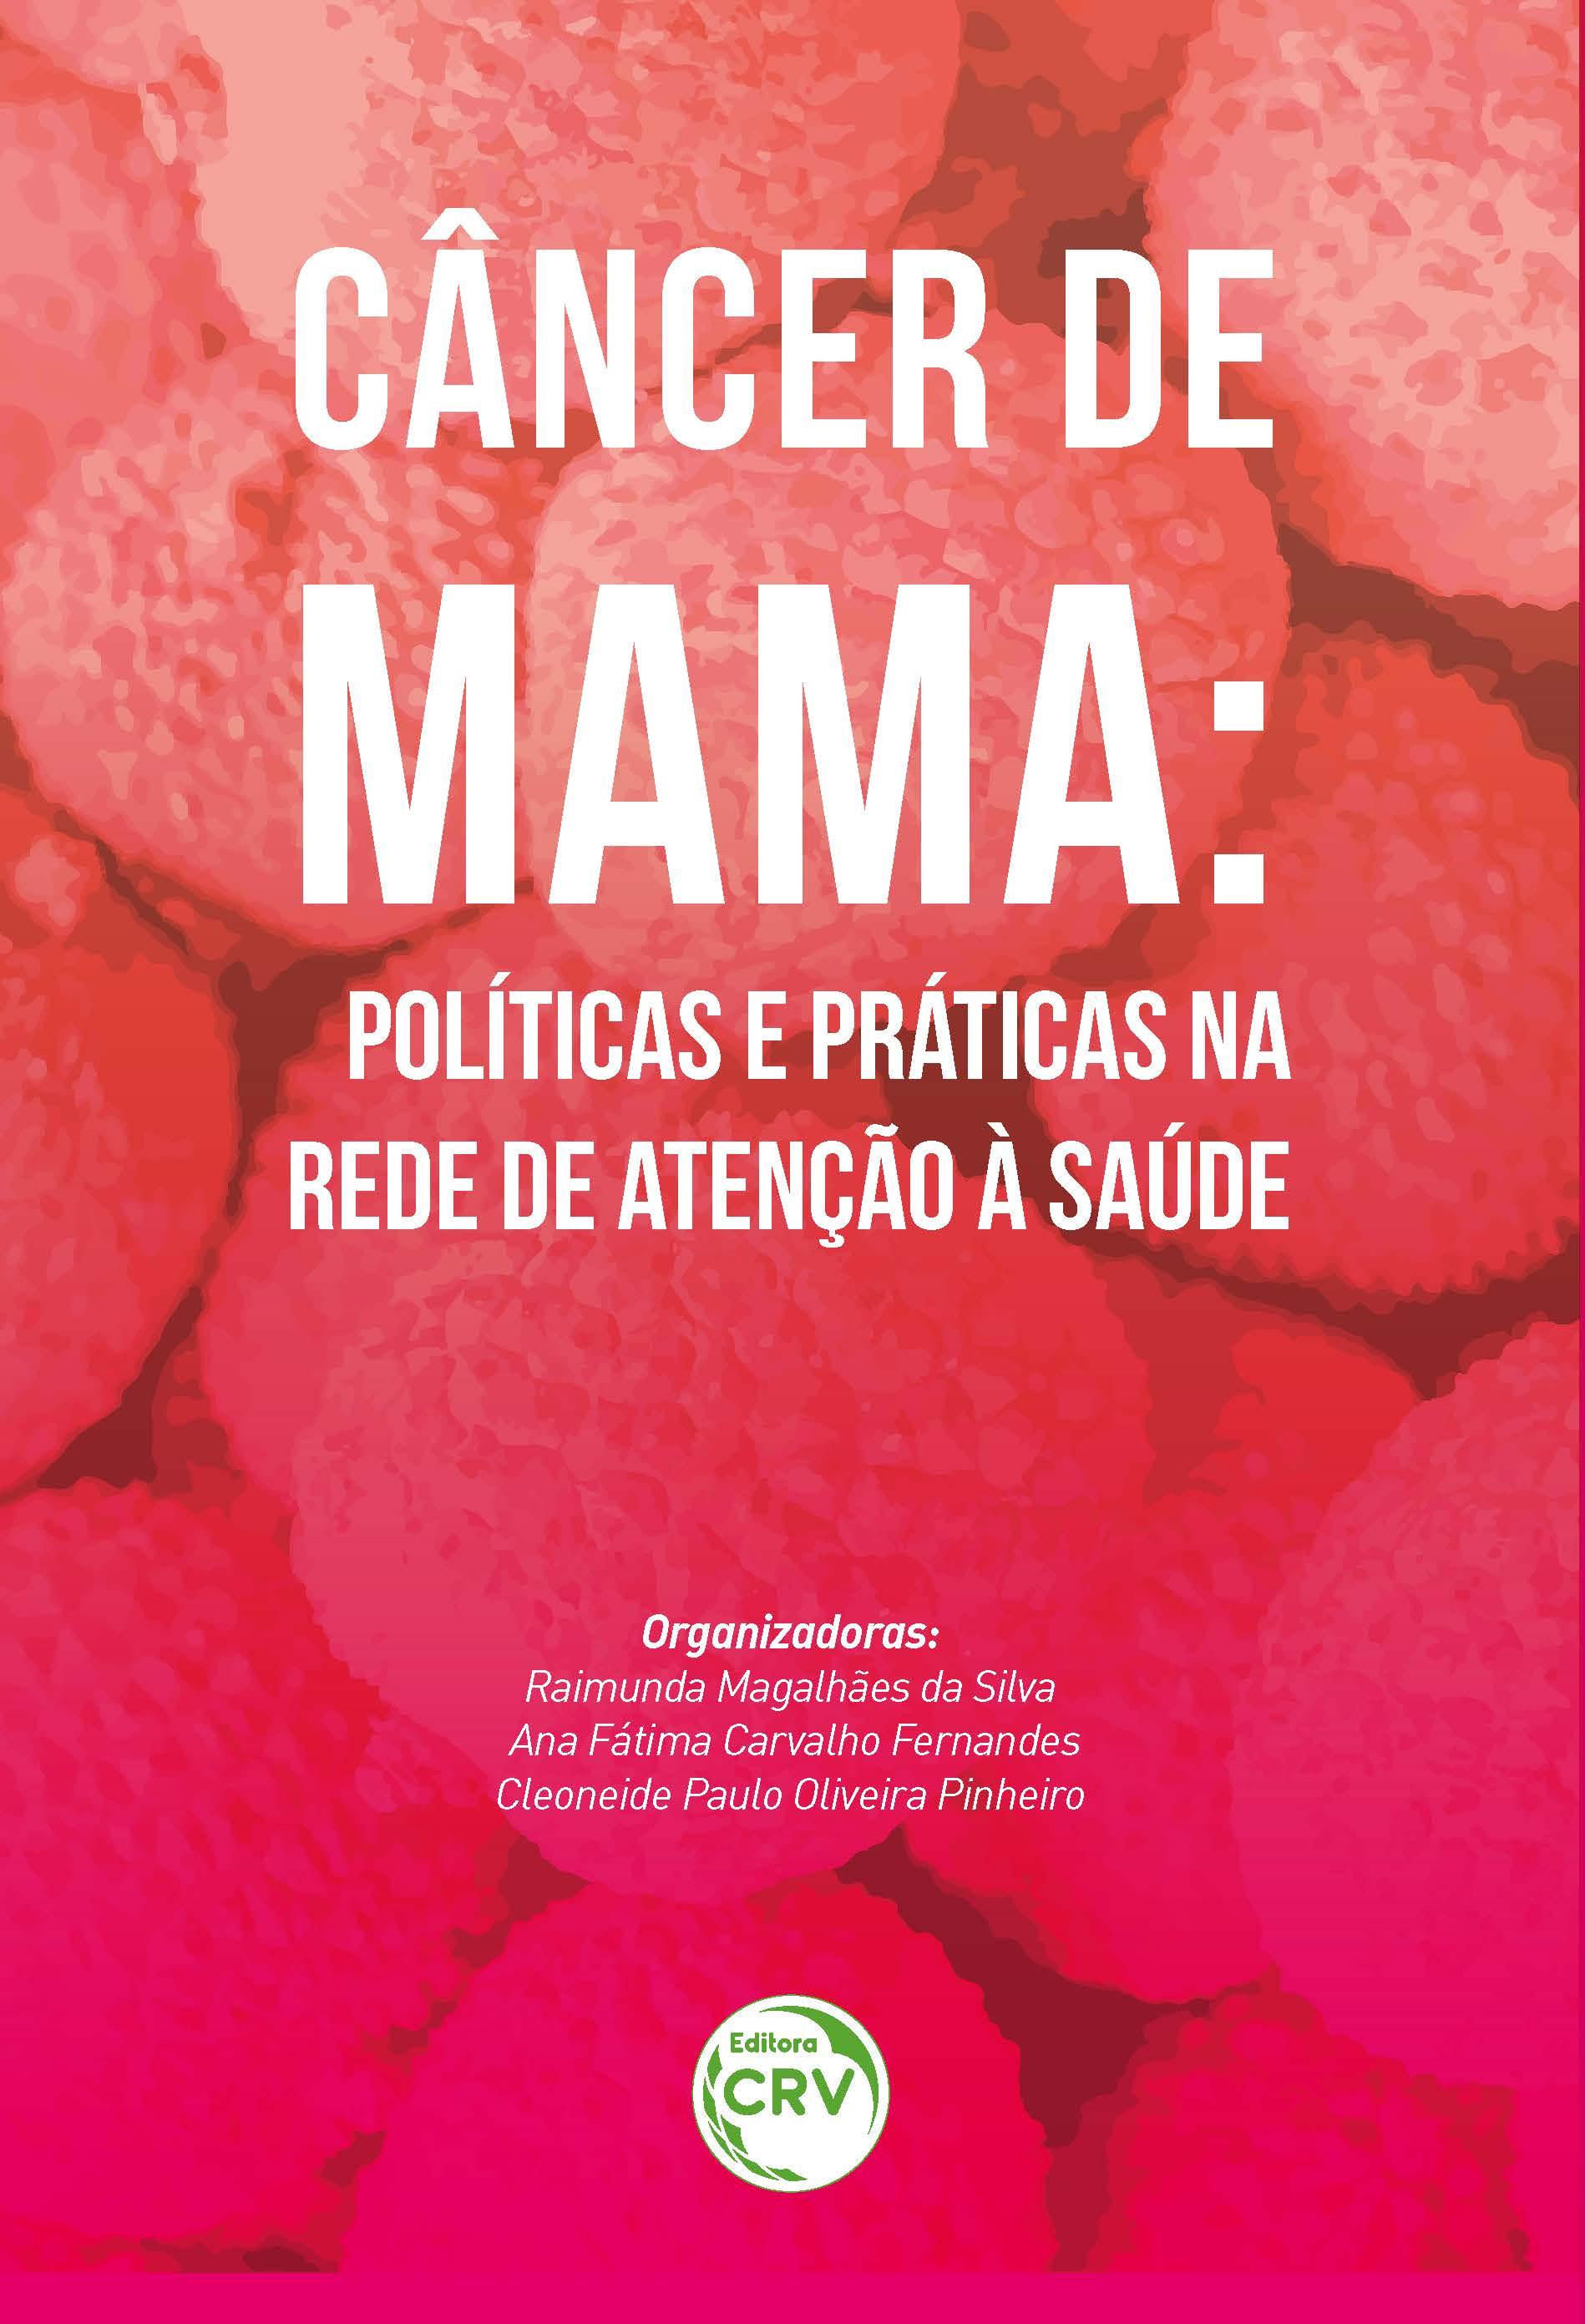 Capa do livro: CÂNCER DE MAMA:<br> políticas e práticas na rede de atenção à saúde